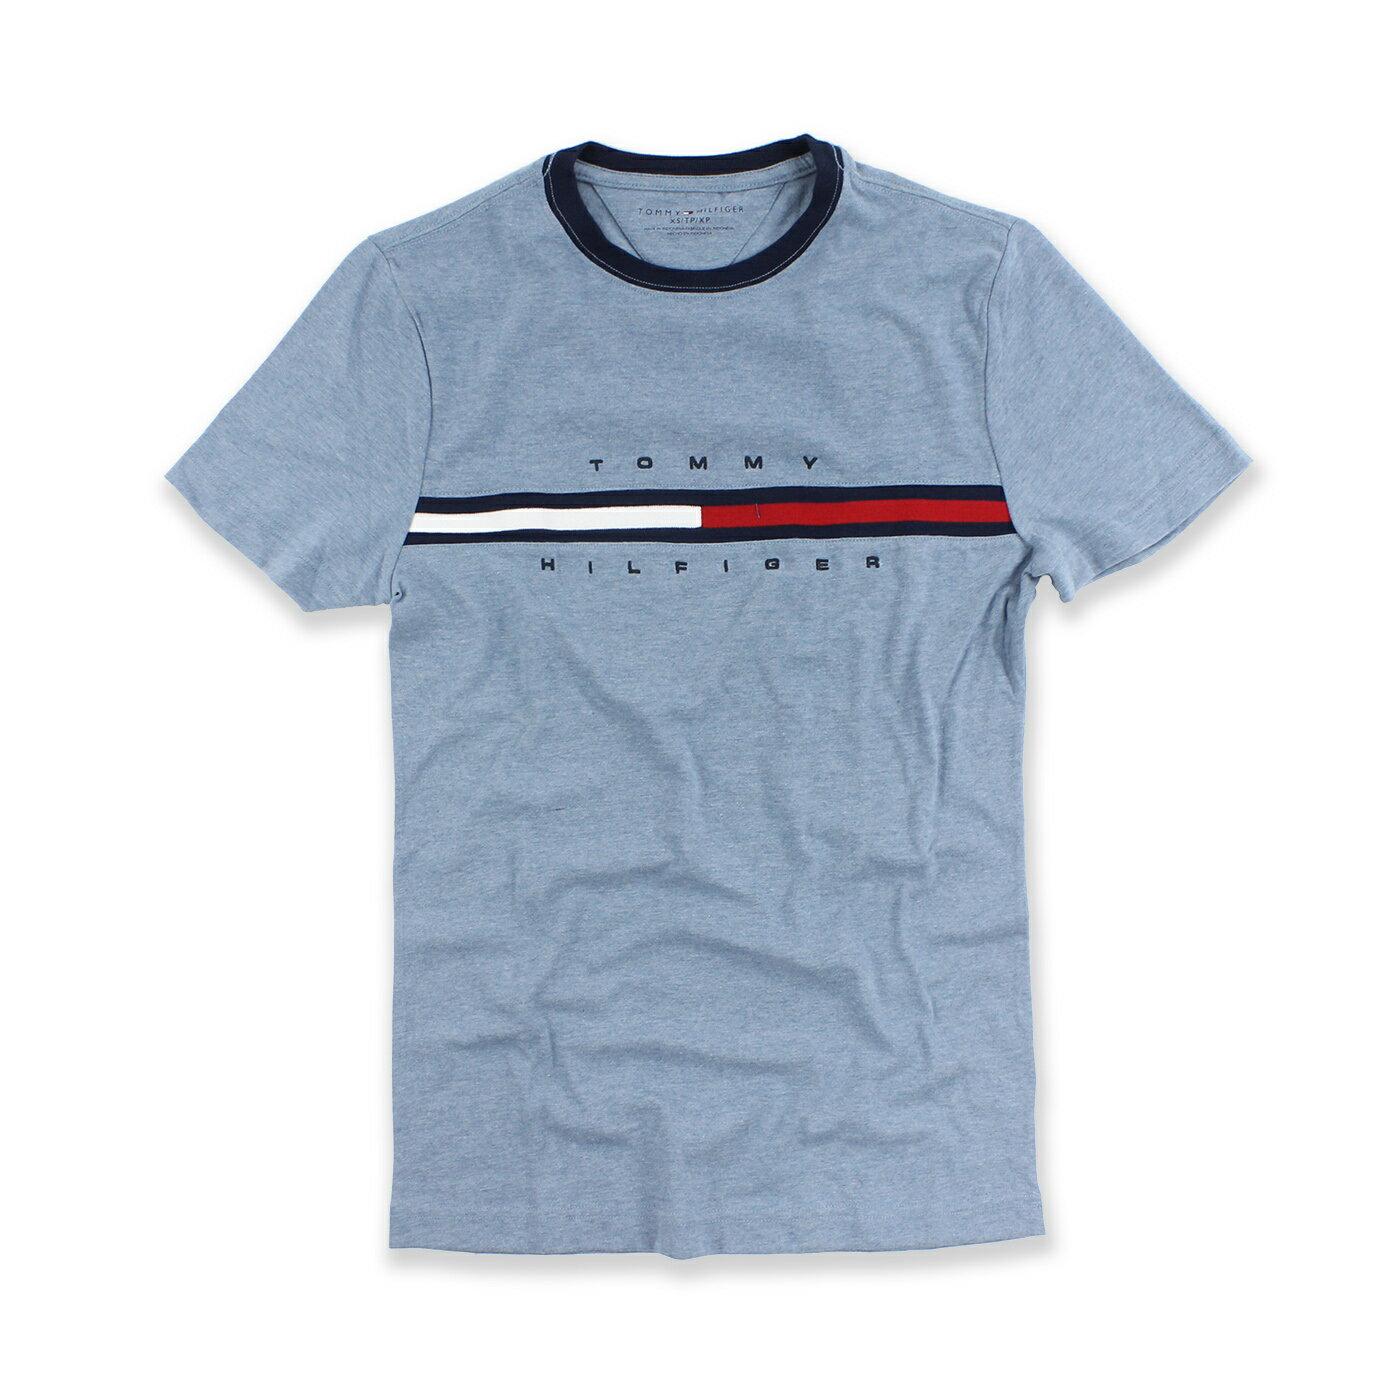 美國百分百【Tommy Hilfiger】T恤 TH 男 Logo 圖案 短袖 素面 T-Shirt 藍灰 XS號 A794